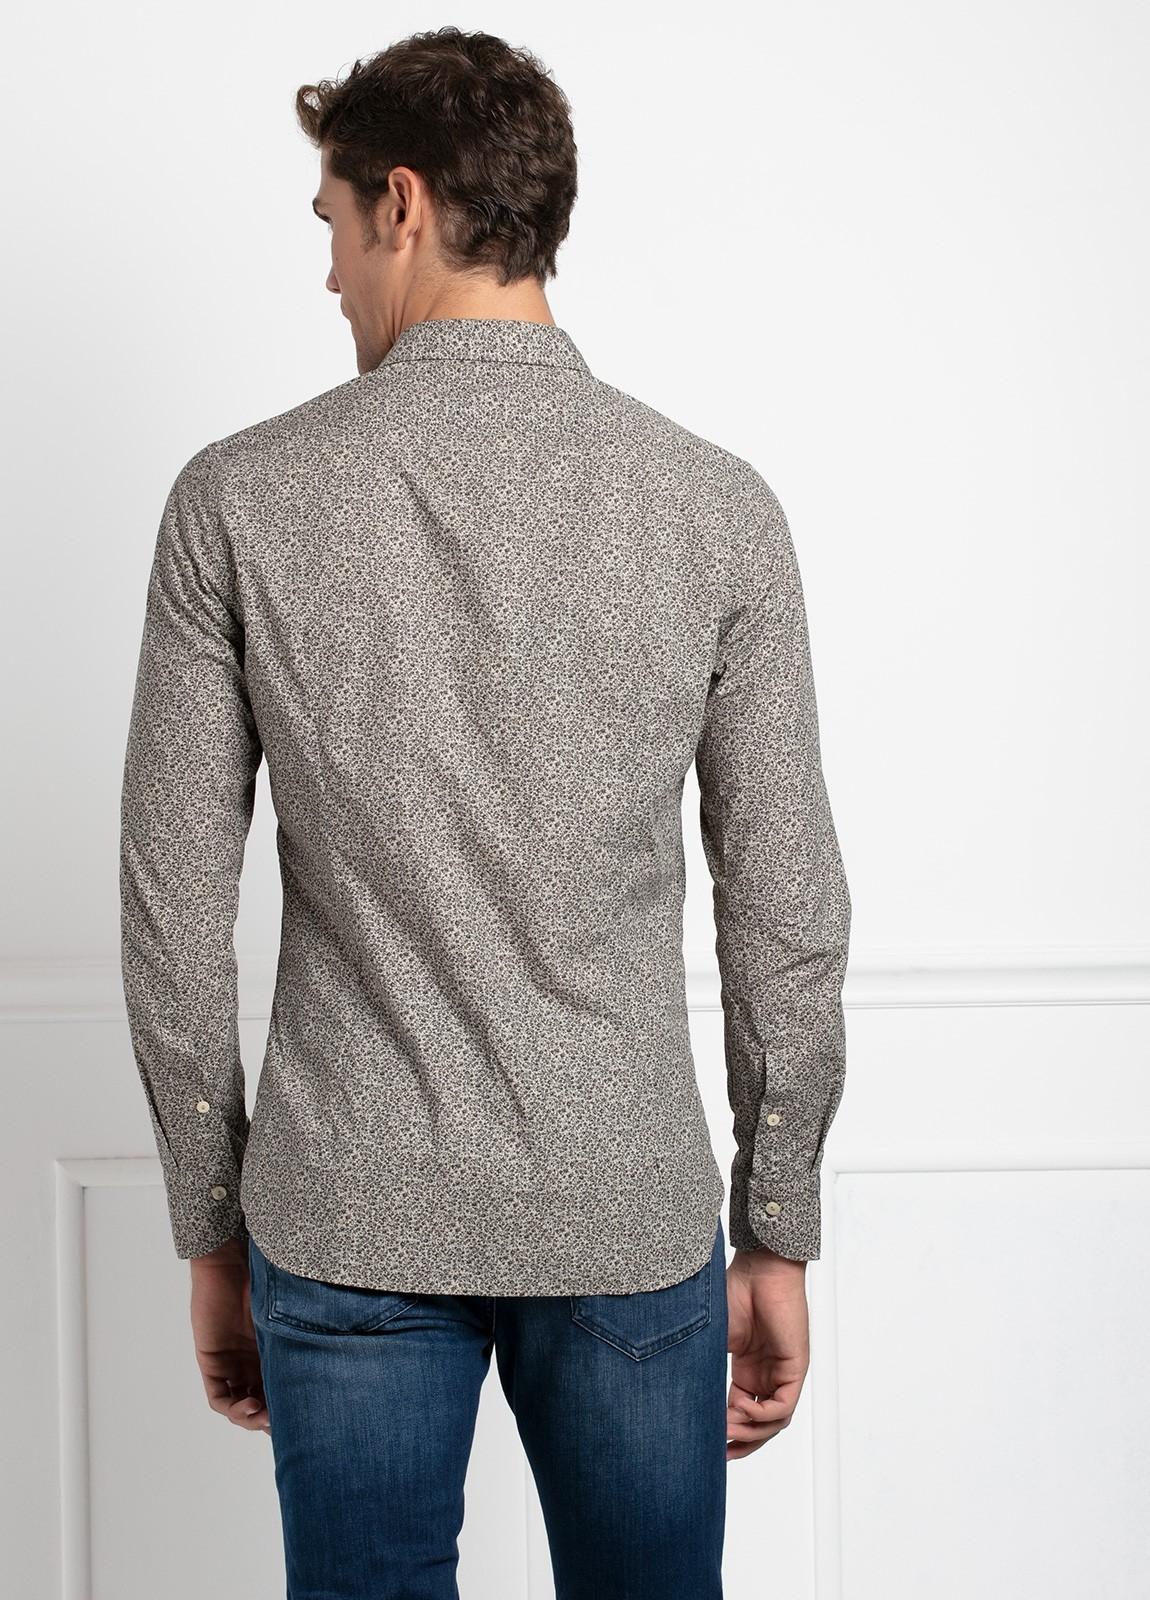 Camisa sport SLIM FIT con estampado floral en tonos piedra. 100% Algodón. - Ítem1